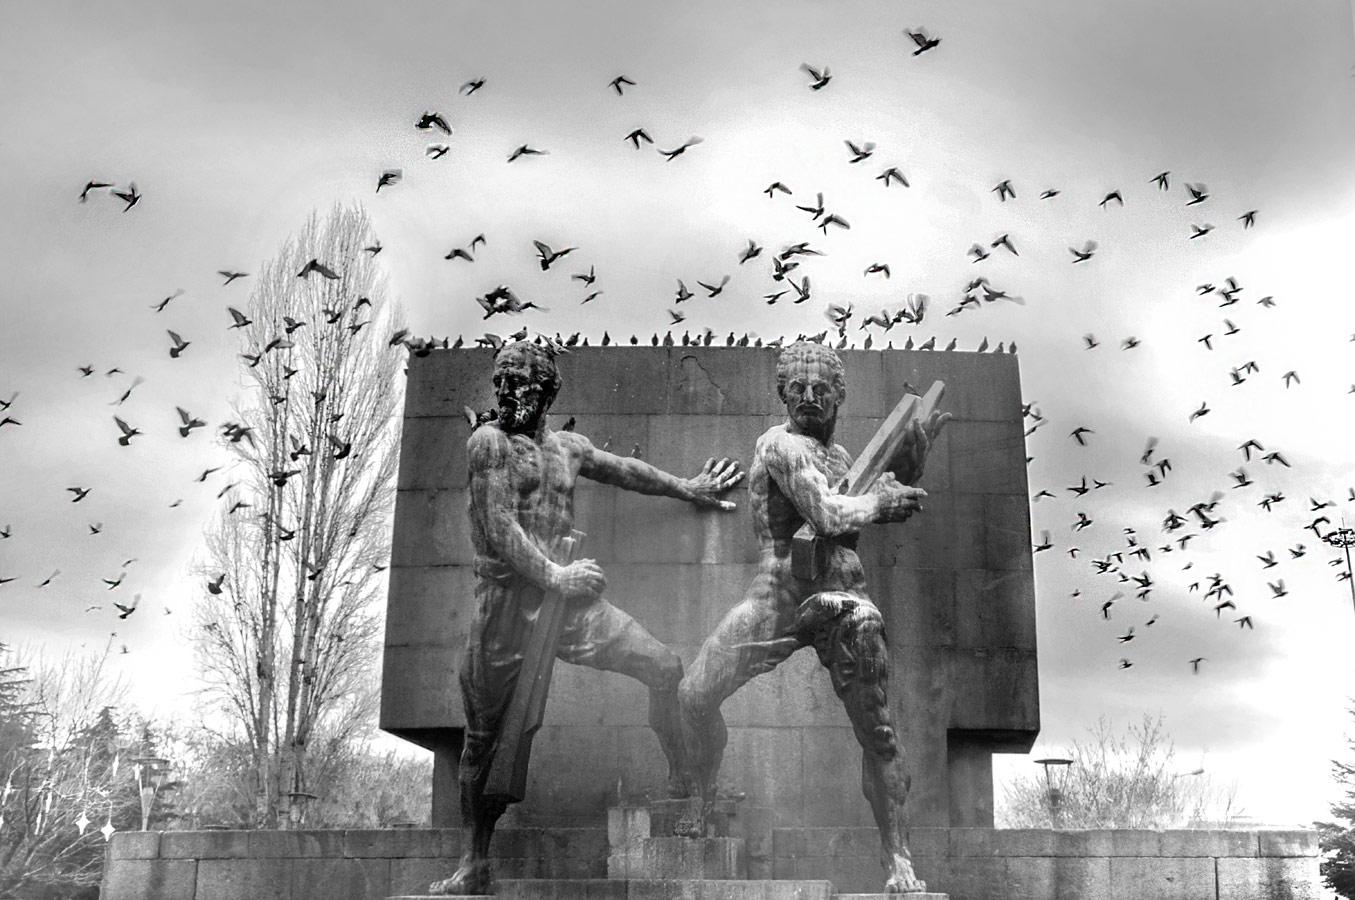 Признак вашего будущего, © Хасан Дехгандуст, Иран, Фильтр: поляризационный (PL), Фотоконкурс Marumi «Городской пейзаж со светофильтром»